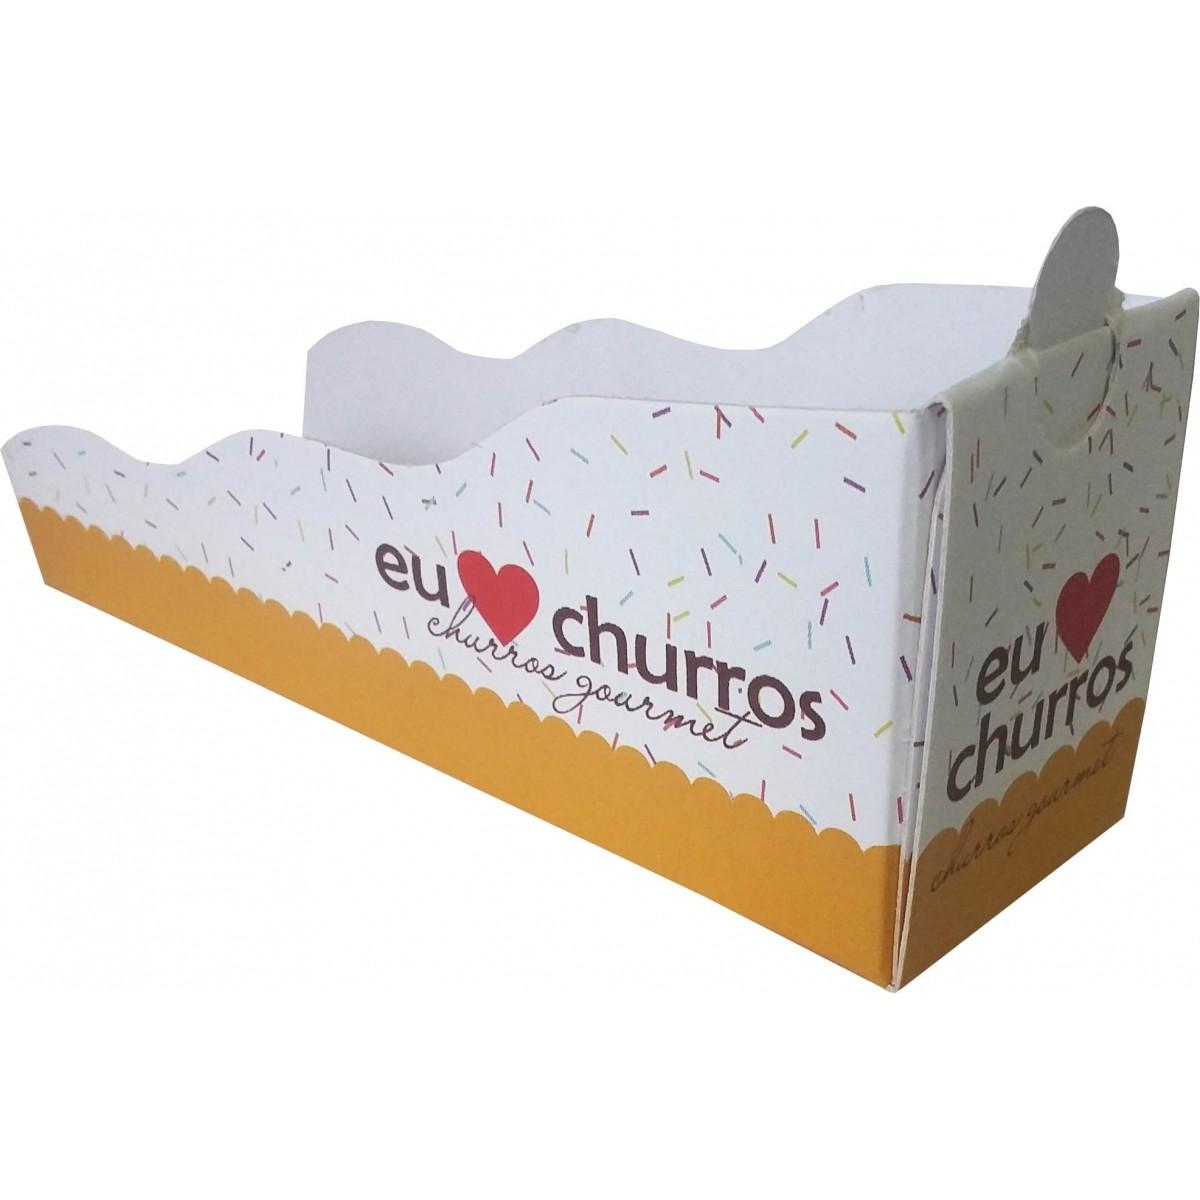 Embalagem para Mini Churros - 1000 unidades